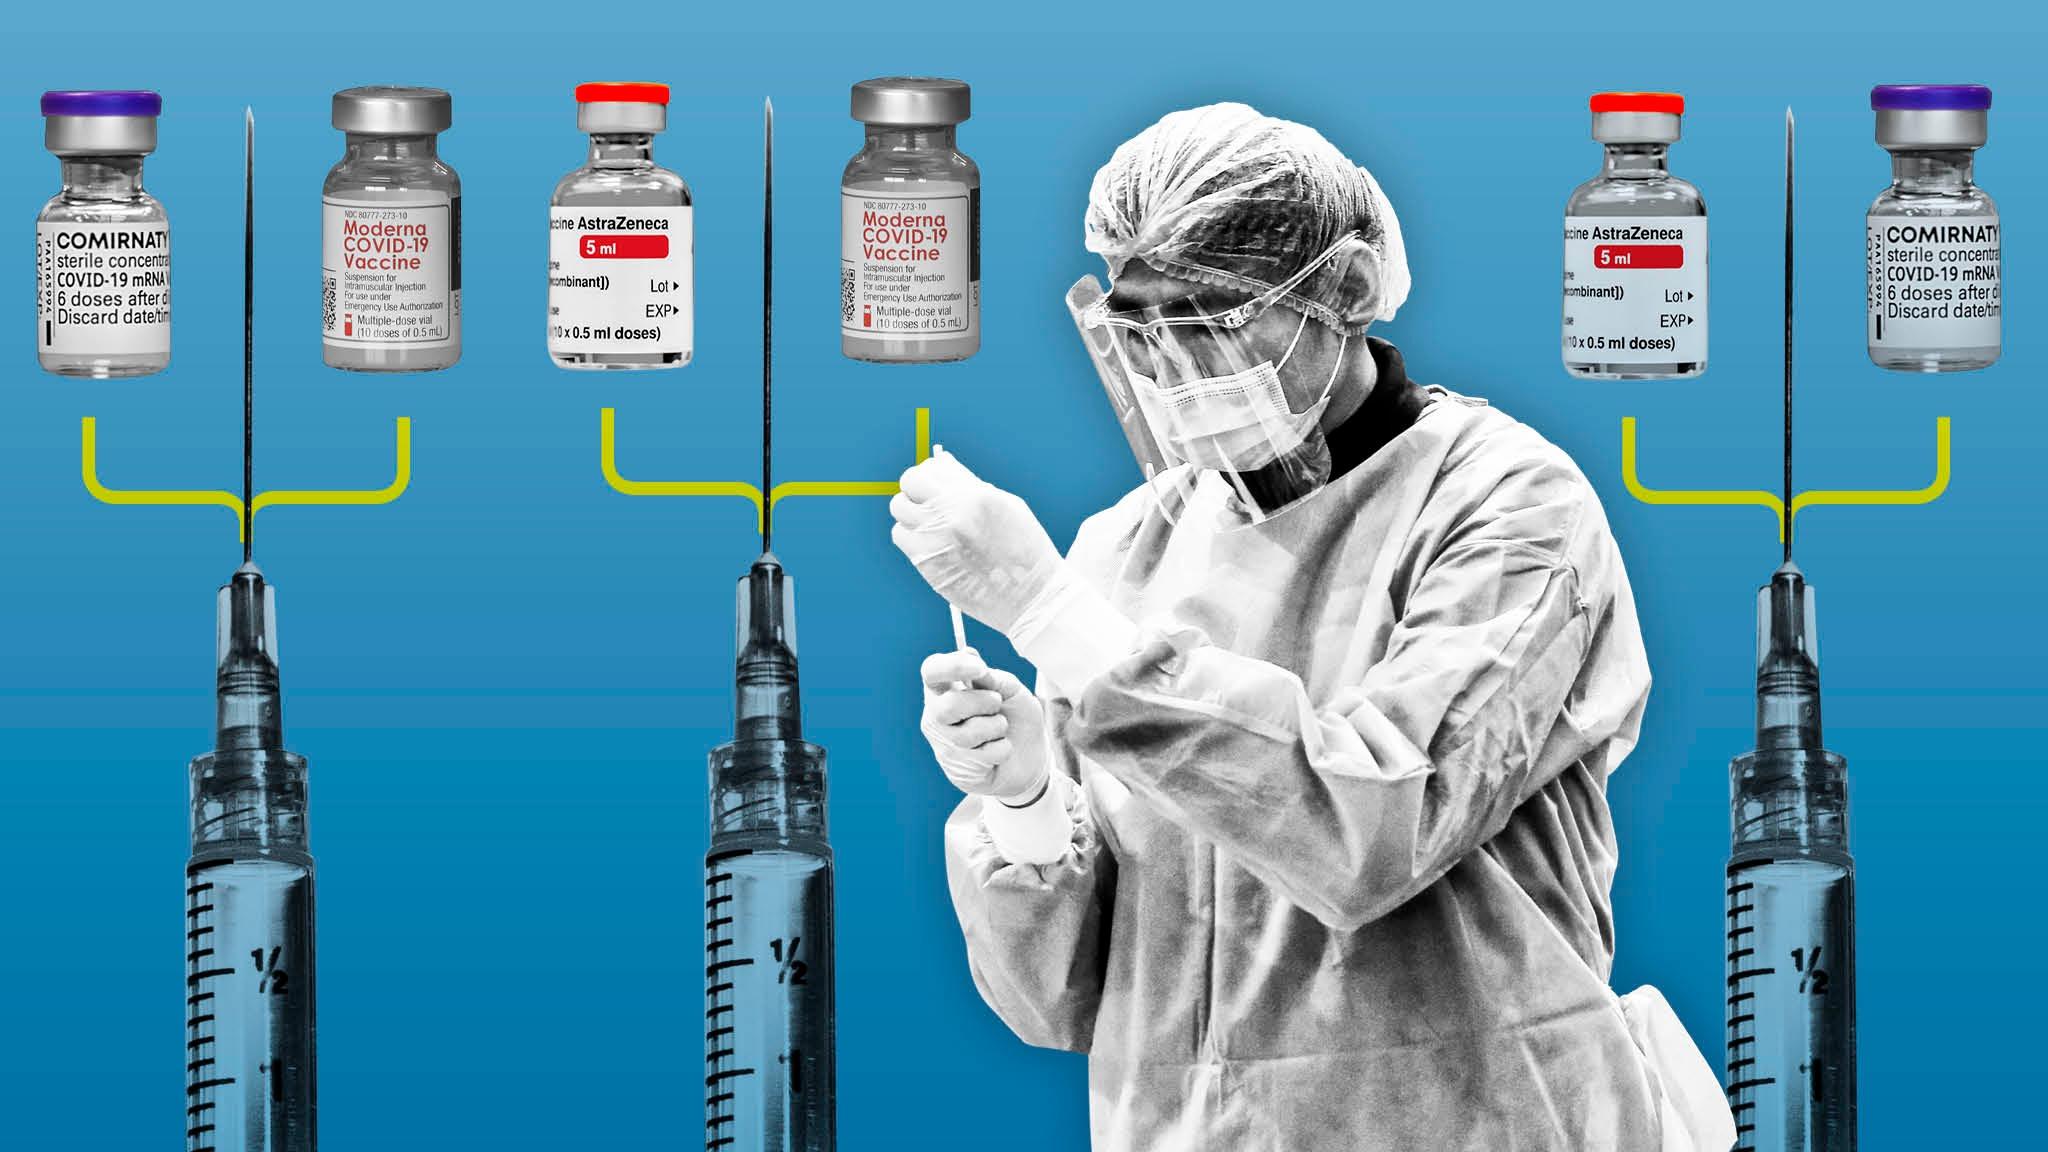 Quốc gia nào cho phép kết hợp các loại vắc xin ngừa COVID-19? - Ảnh 2.